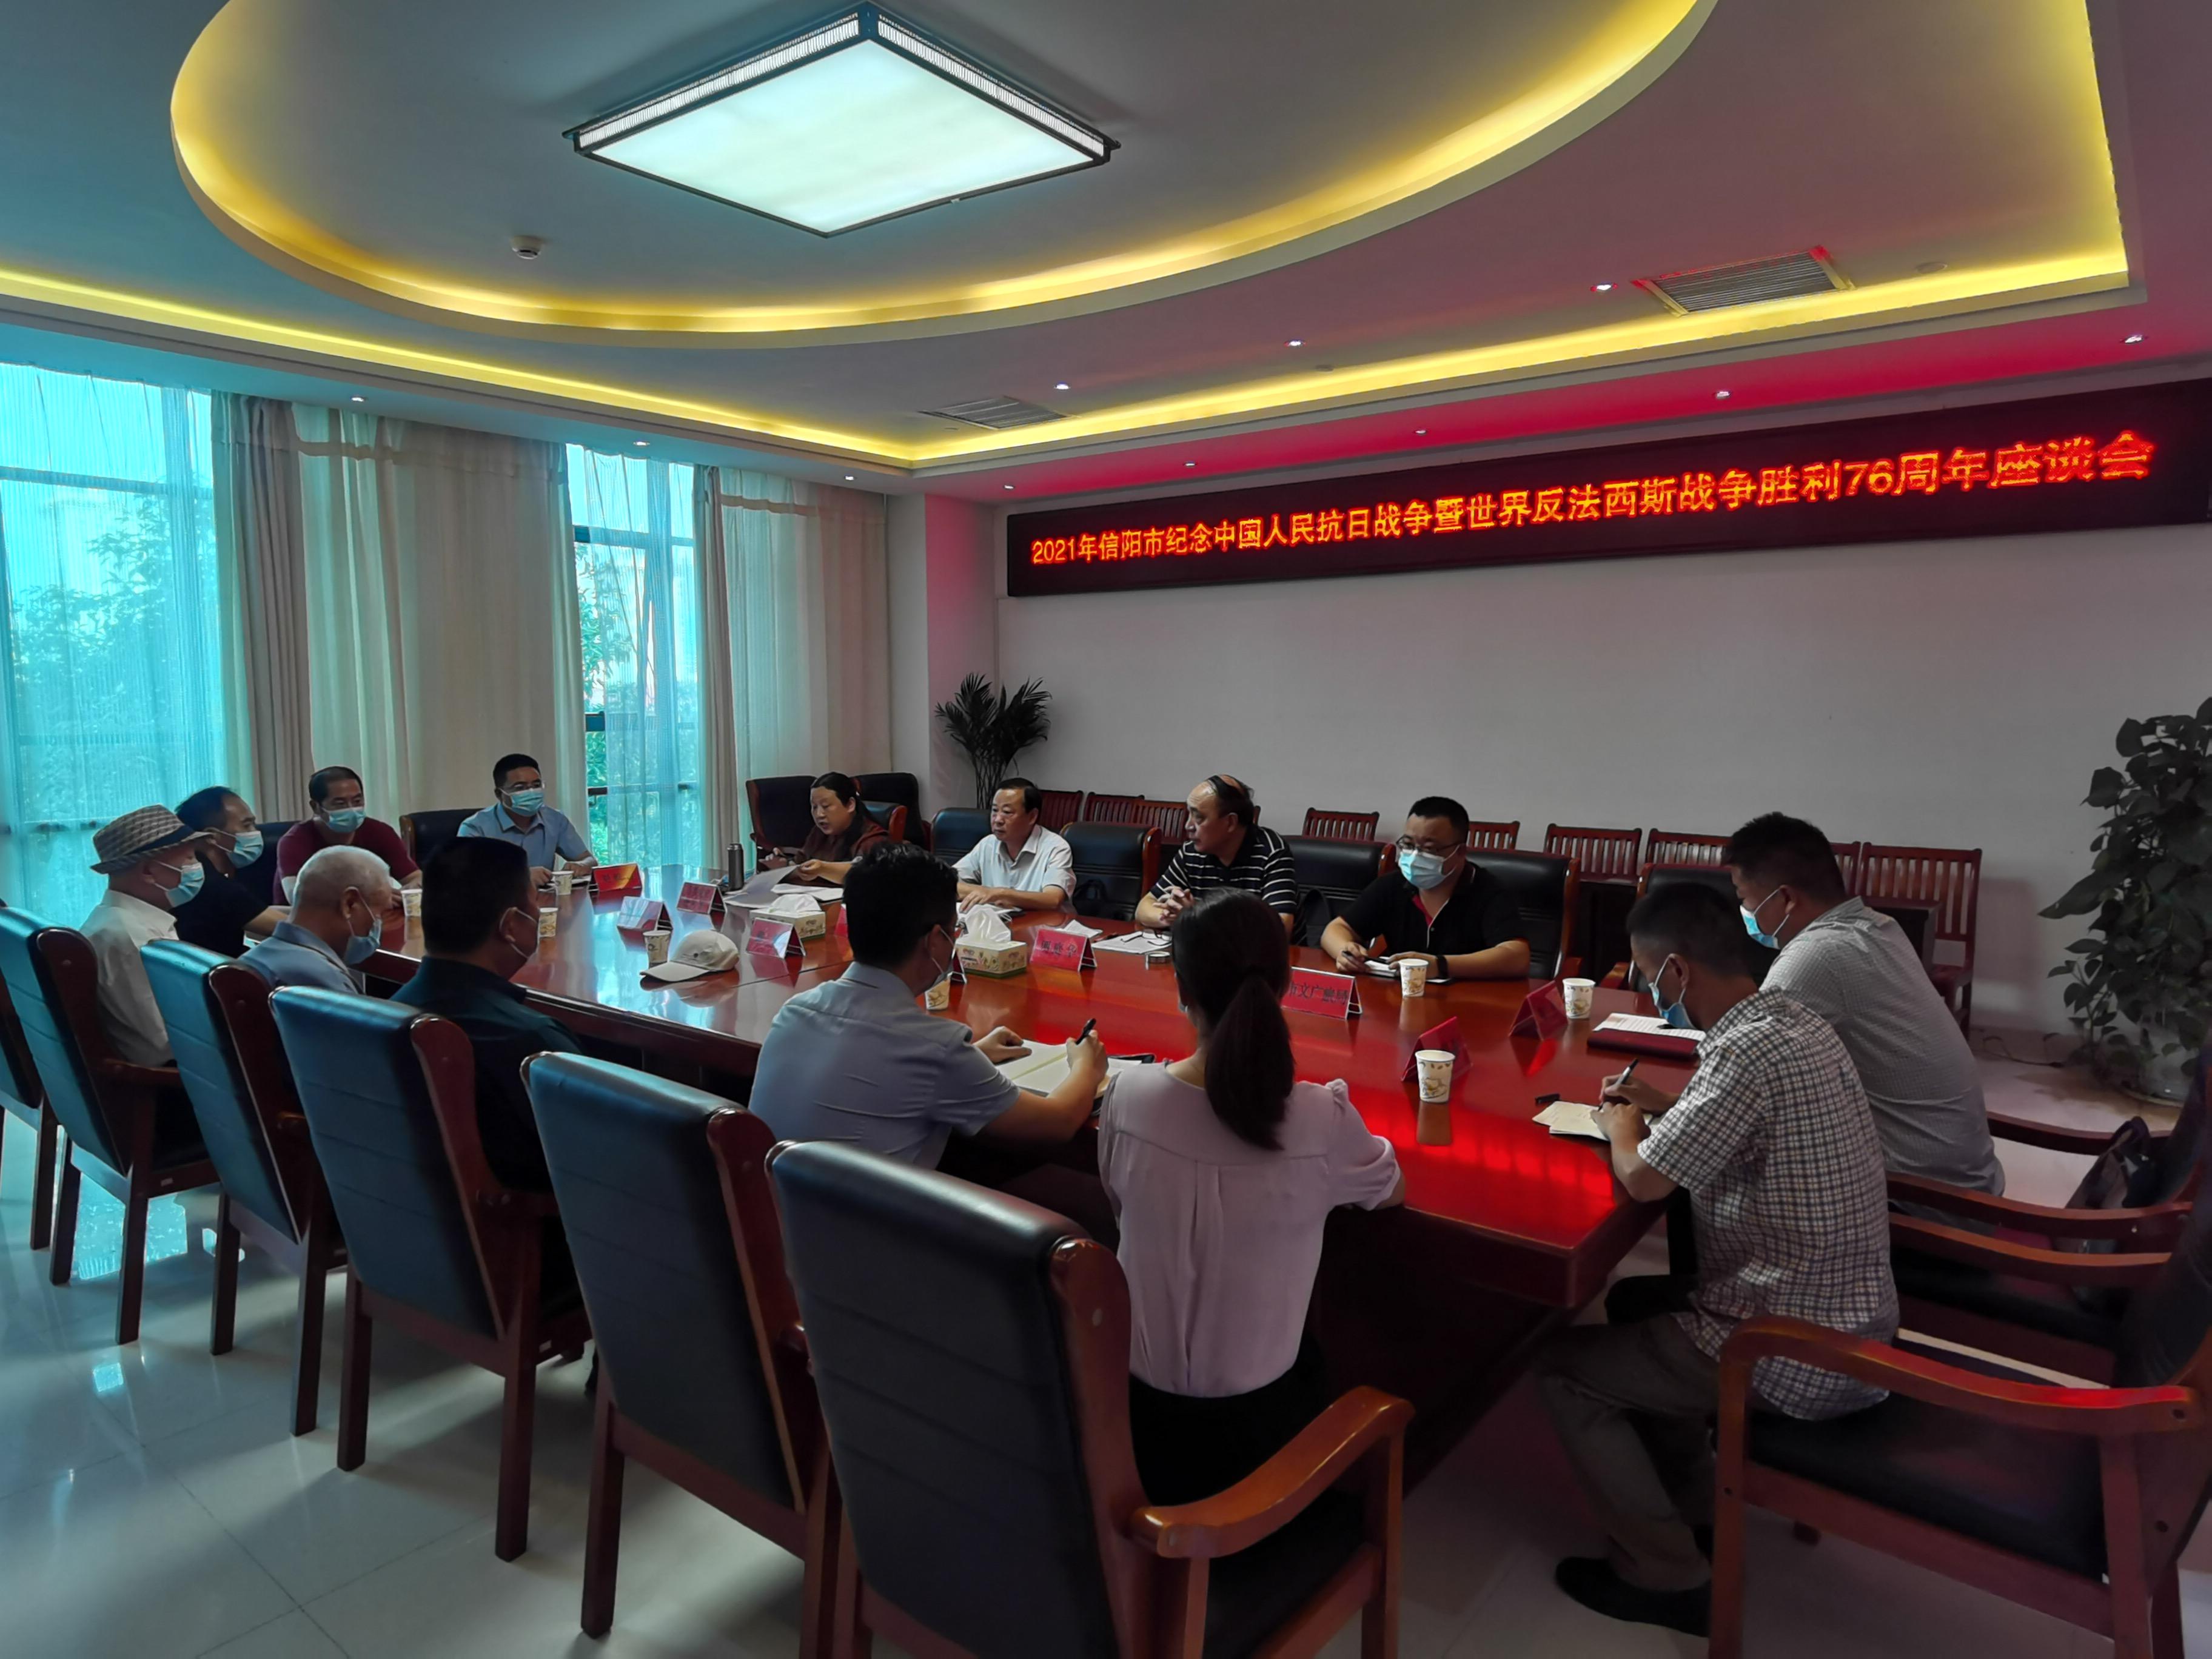 信阳市召开纪念抗日战争暨世界反法西斯战争胜利76周年座谈会